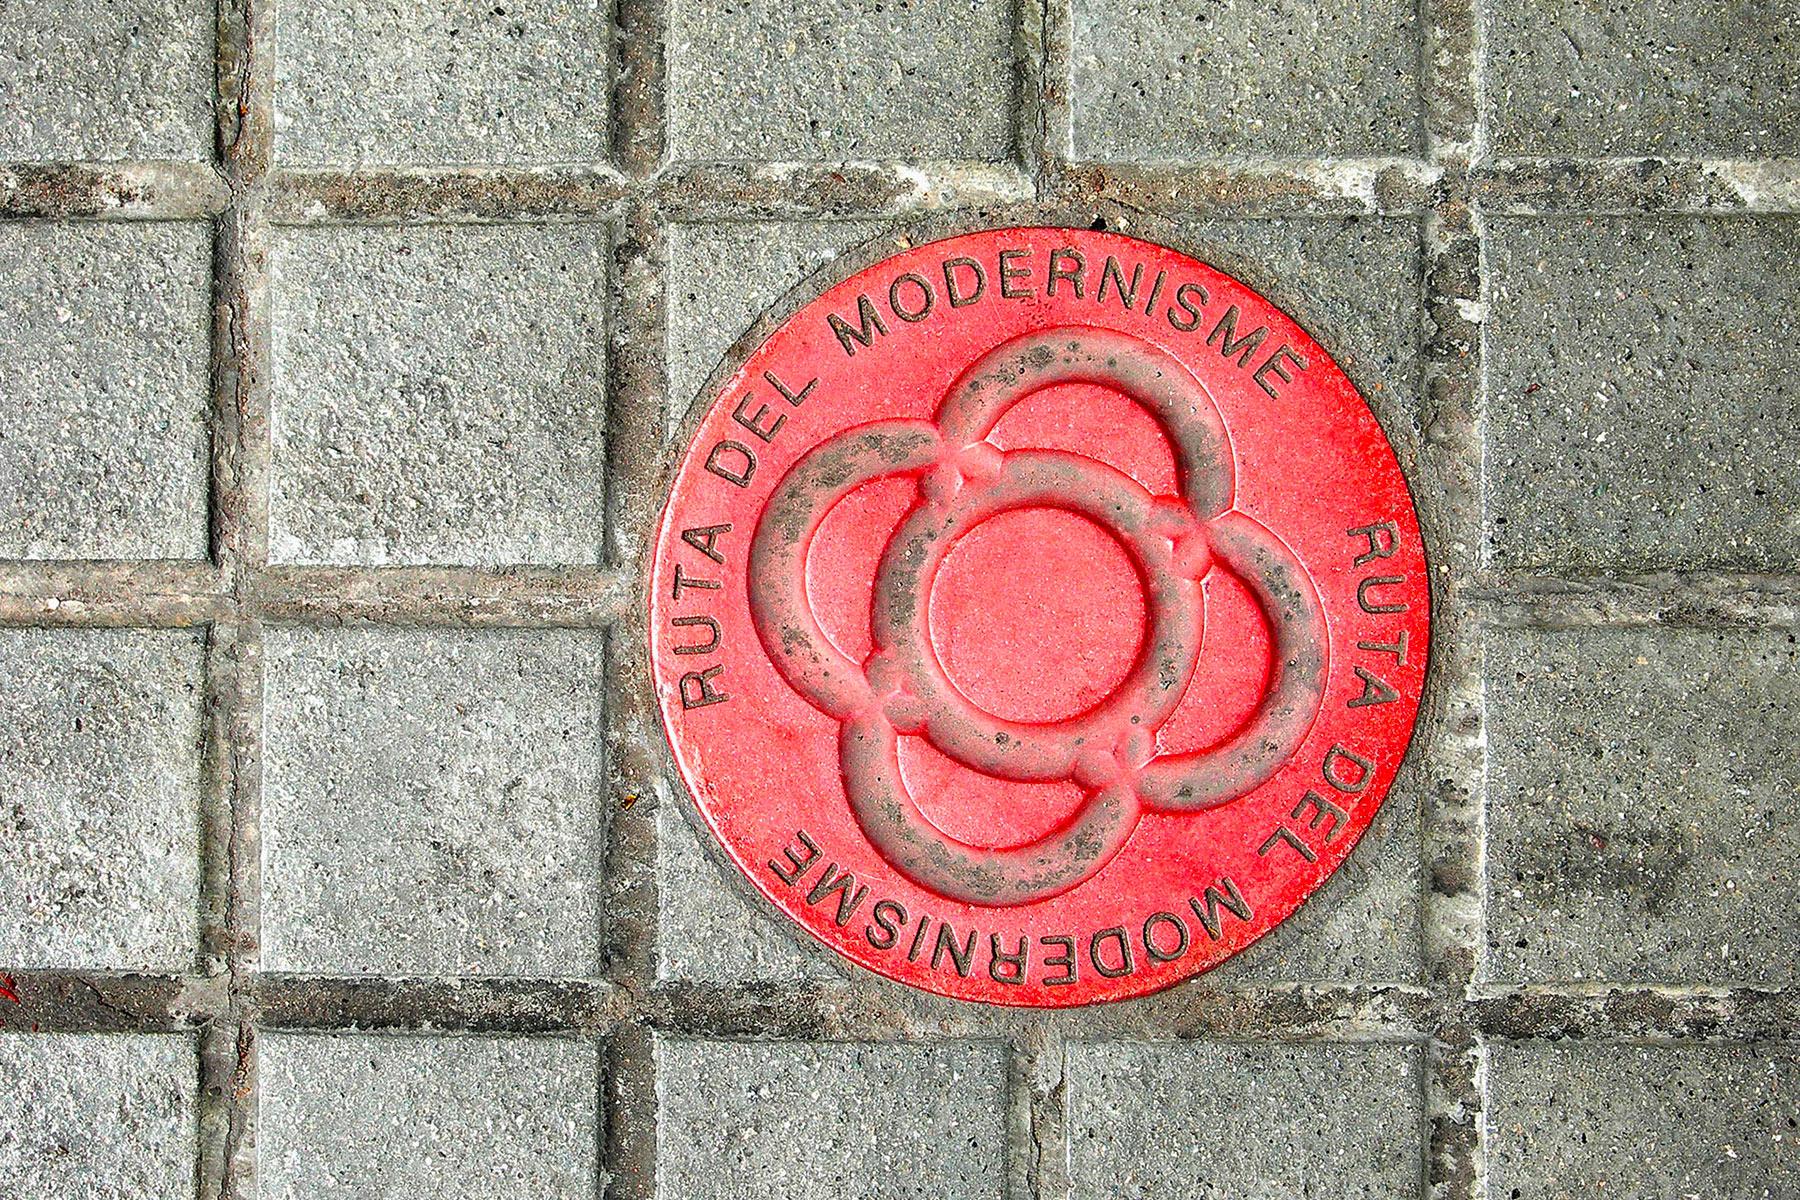 La Ruta del Modernisme